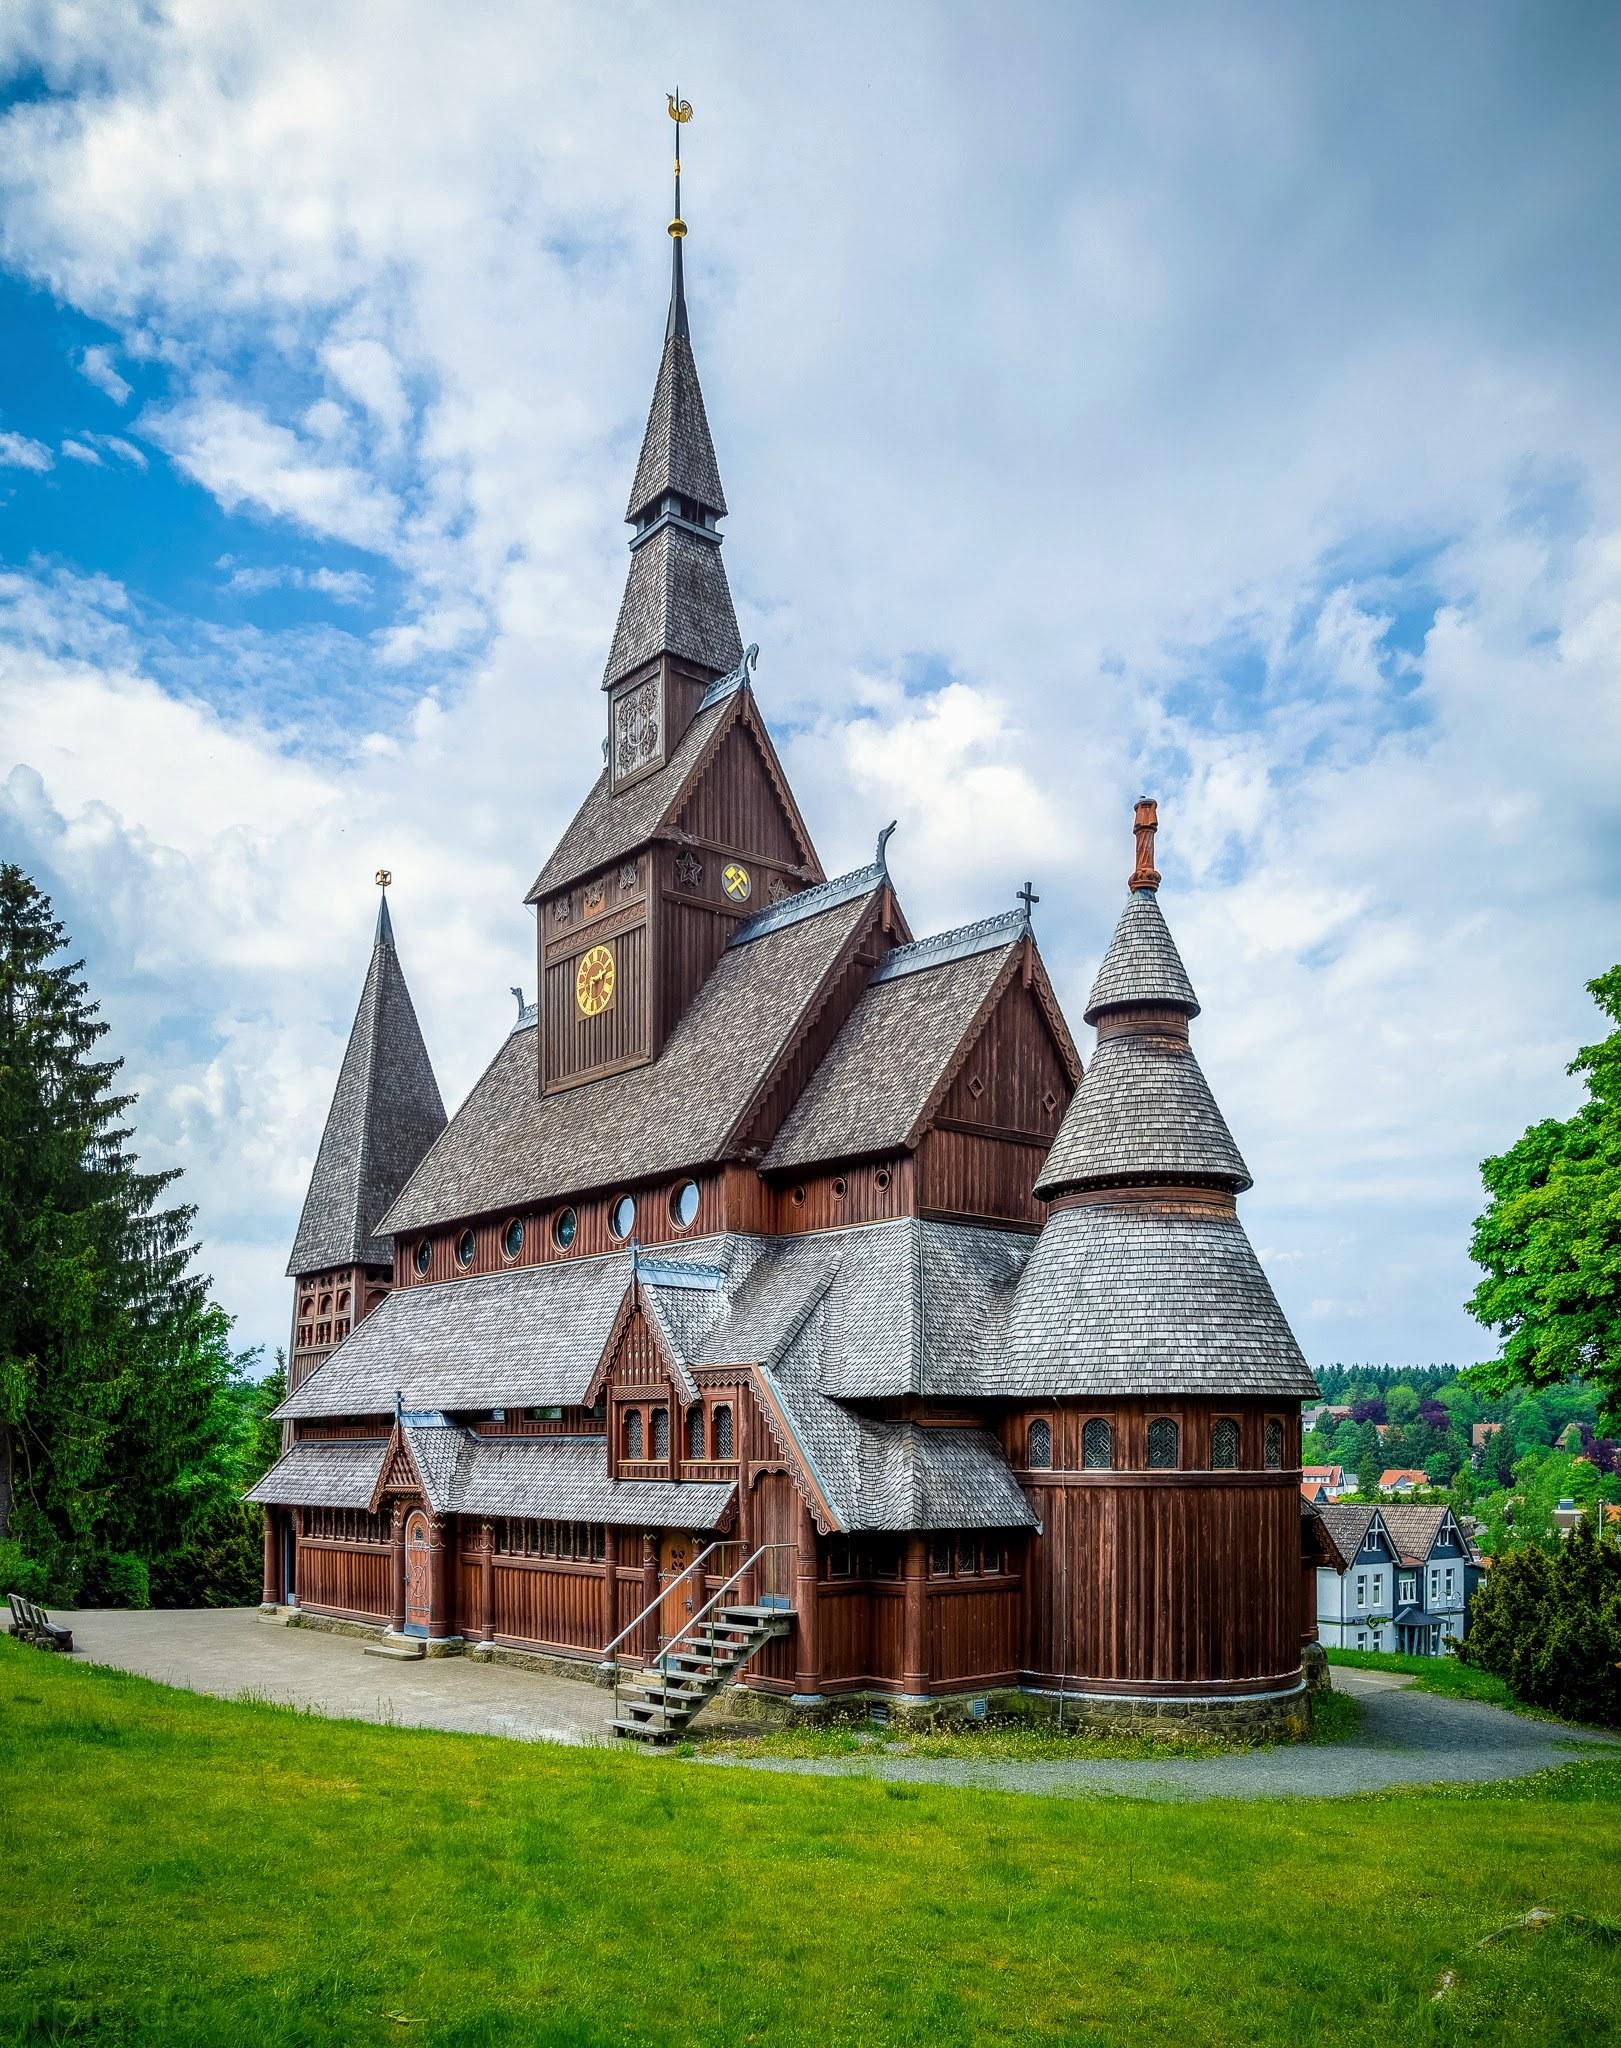 Rückseite der Kirche